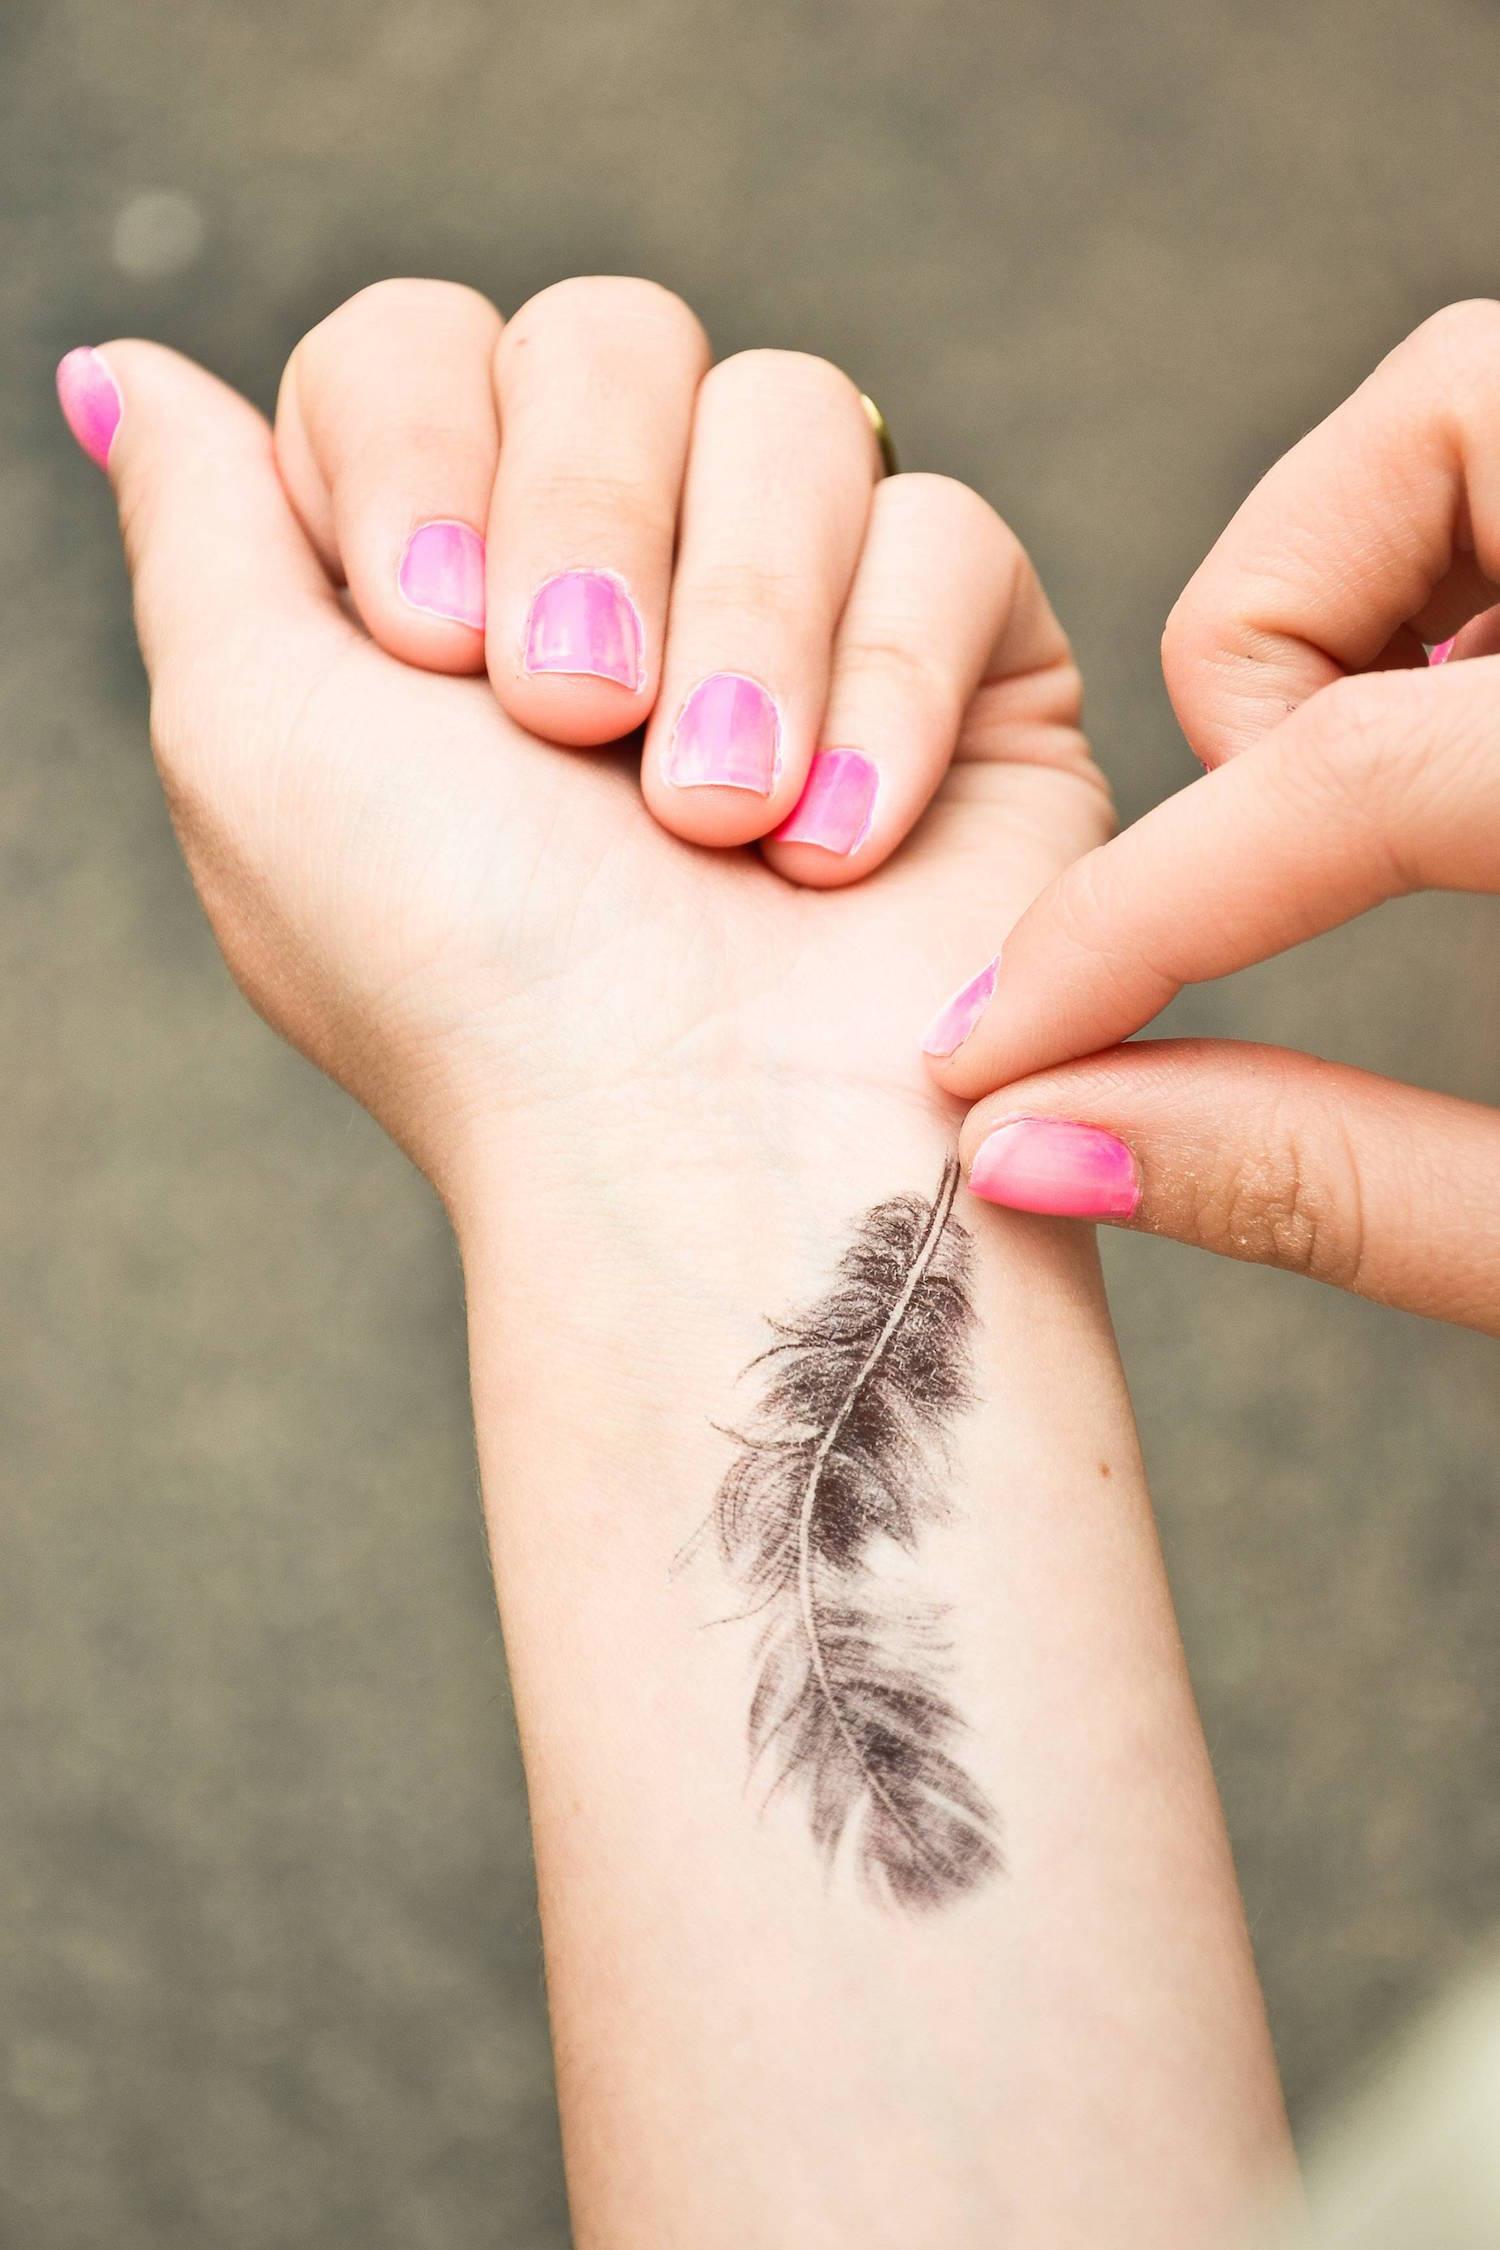 Tatouage Plume C Est Un Motif De Tattoo Tres A La Mode En Ce Moment